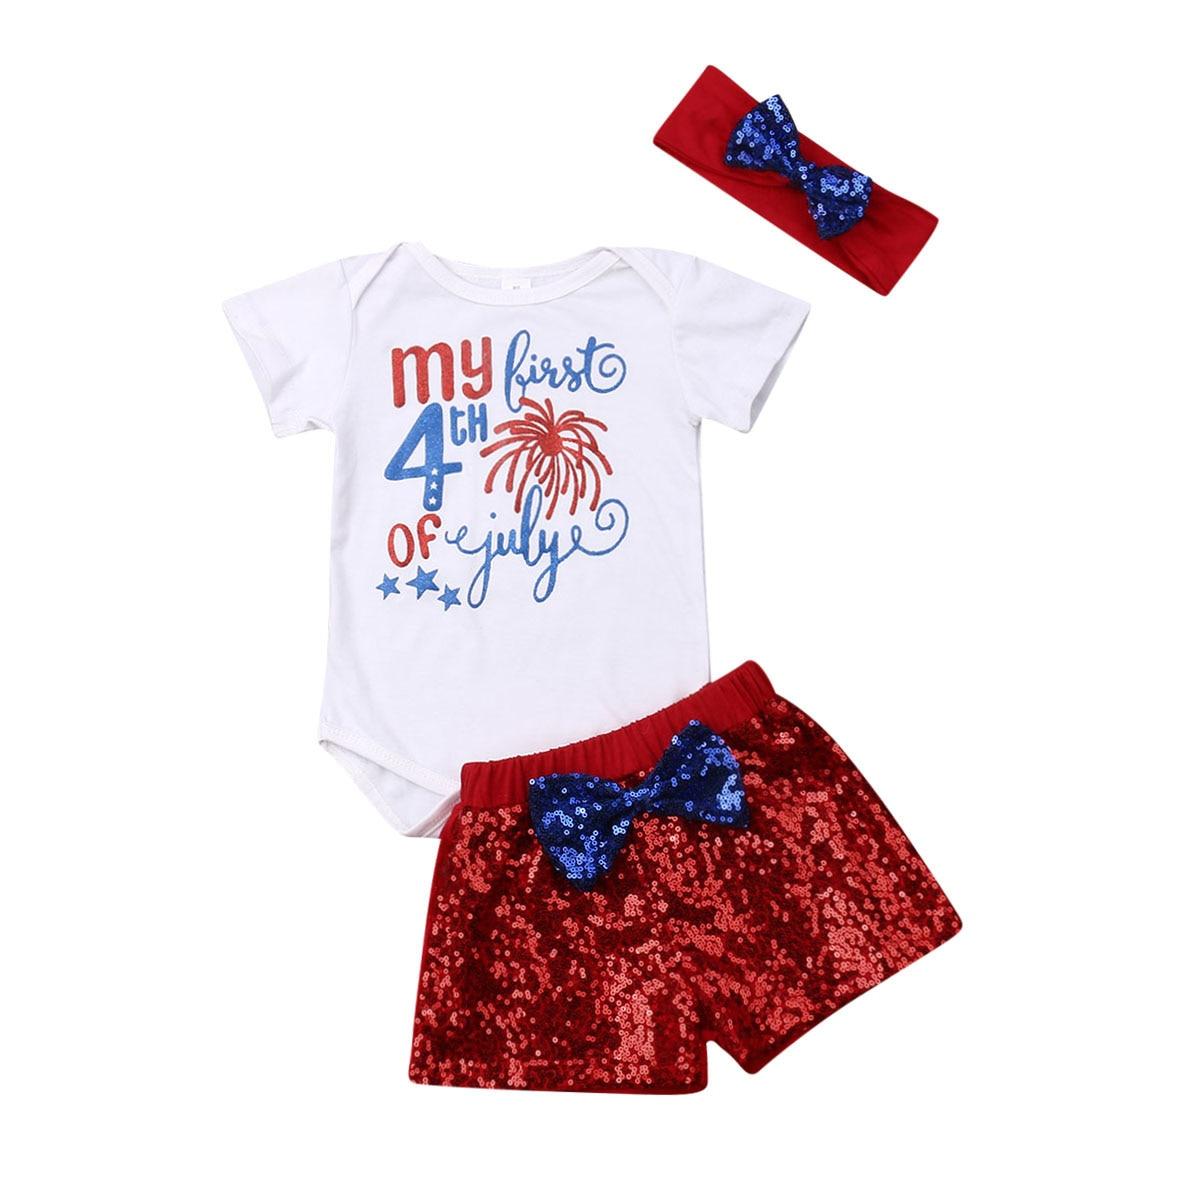 e3a550163 Bebé recién nacido mi primer 4th de Julio, traje de bebé niña niño ropa de  bebé Tops + lentejuelas pantalones cortos + vendas conjuntos de ropa